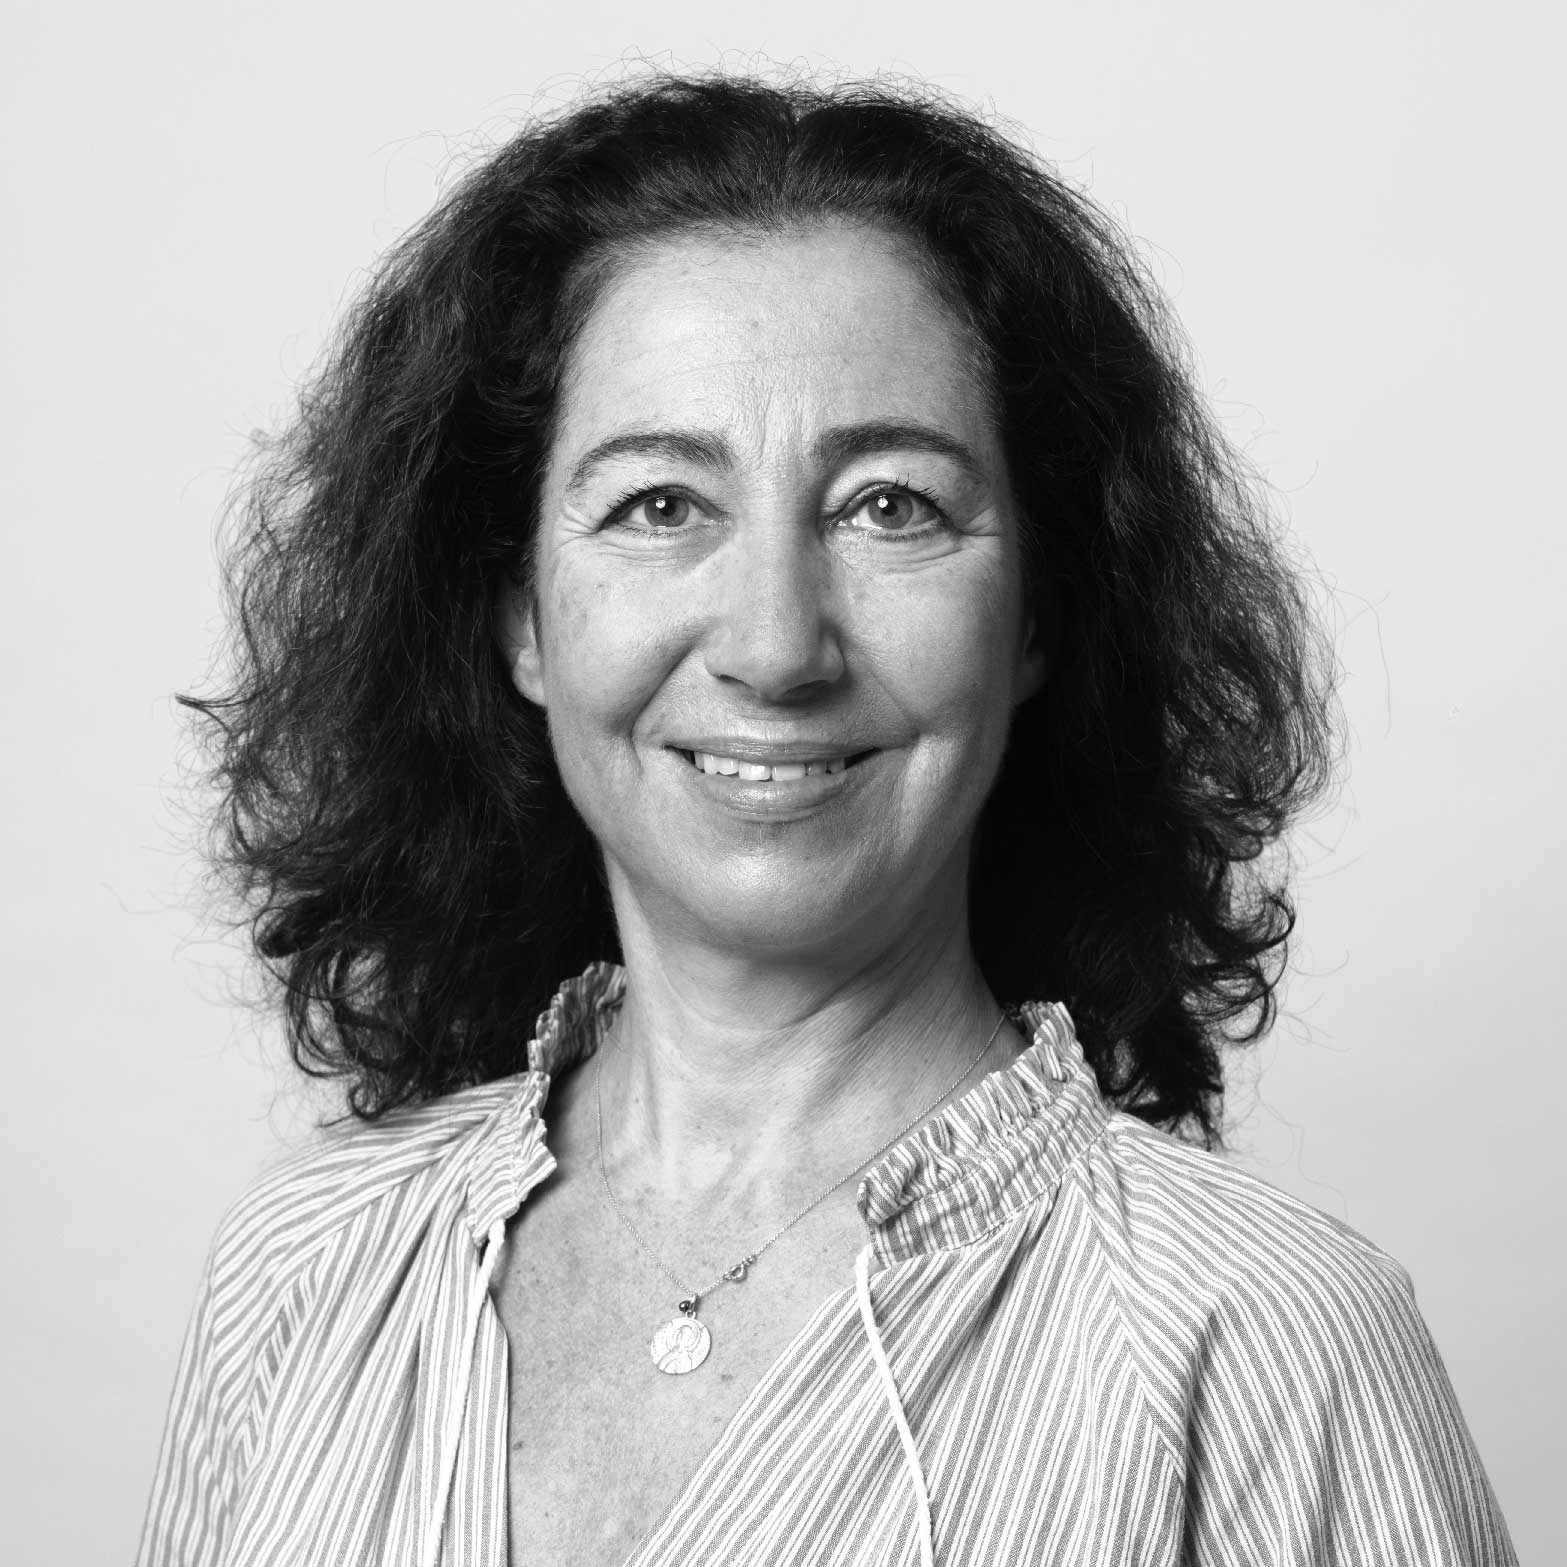 Angélique Vibert